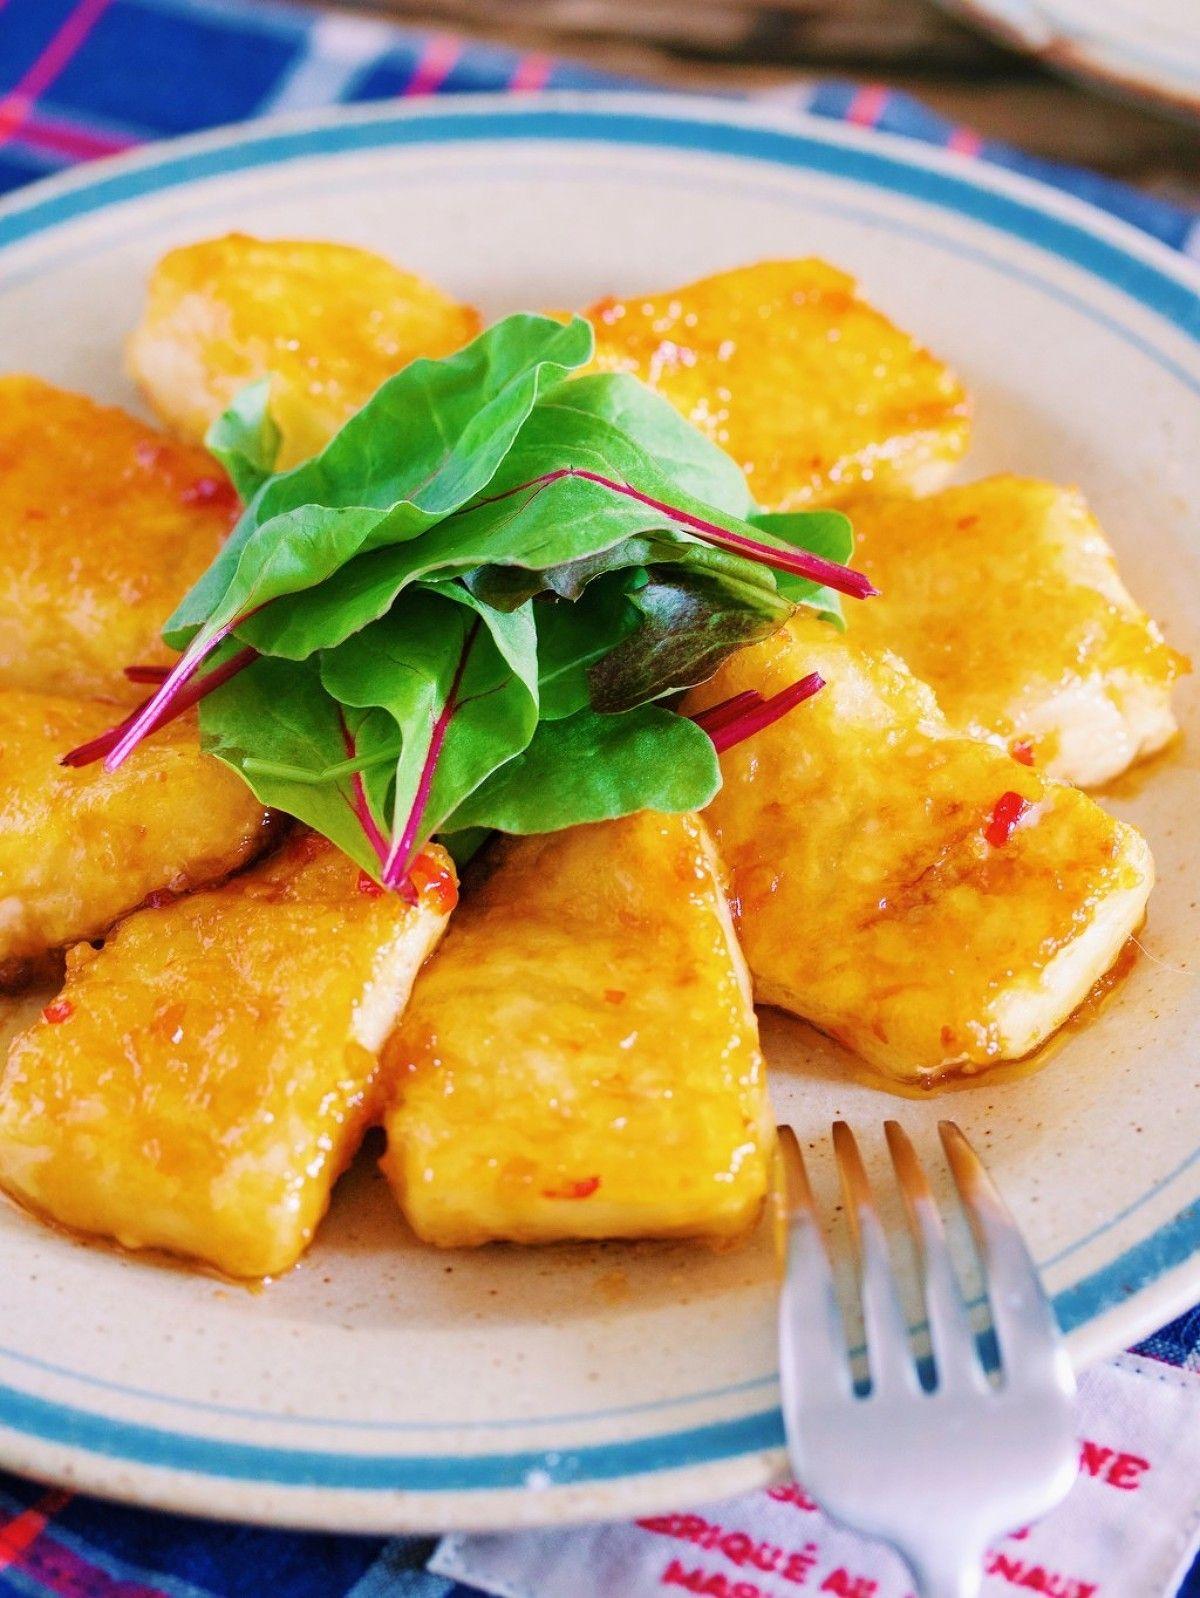 お財布ピンチを豆腐で乗り切る あつあつメチャうま豆腐料理15選 レシピ 料理 レシピ 豆腐 レシピ